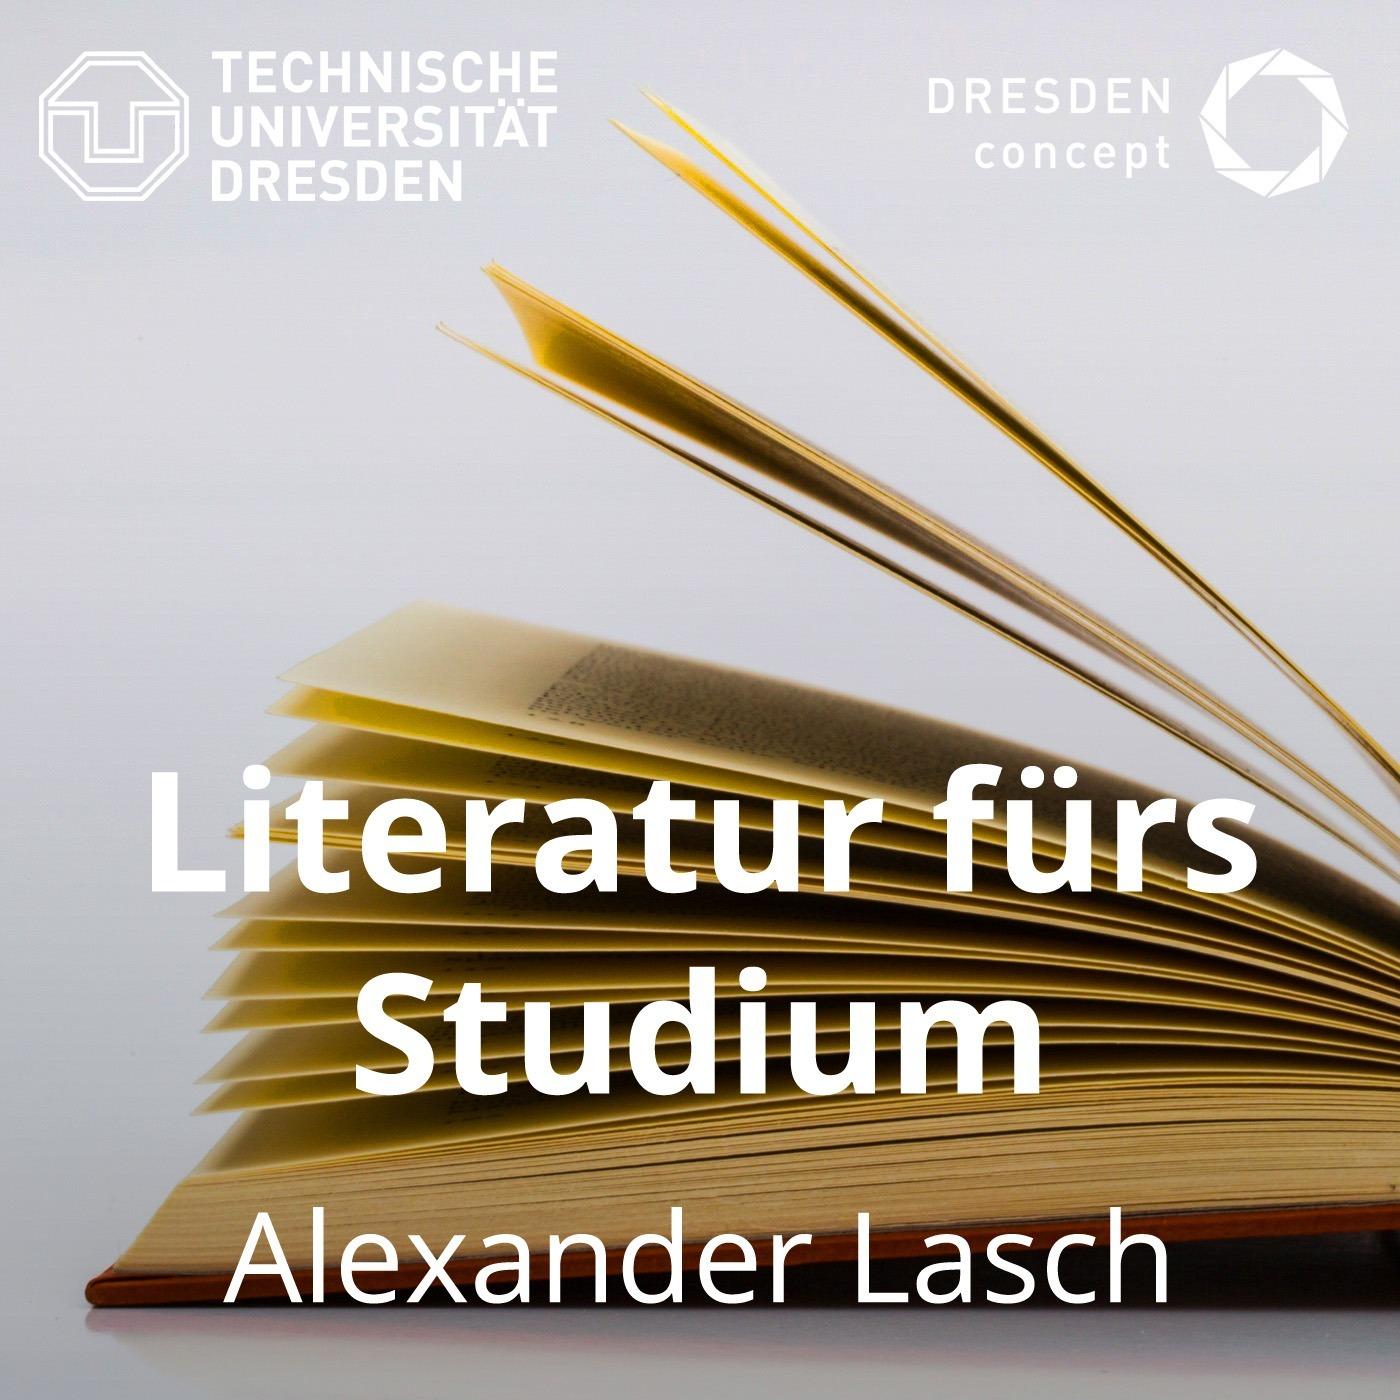 Astrid Stedje, Deutsche Sprache gestern und heute